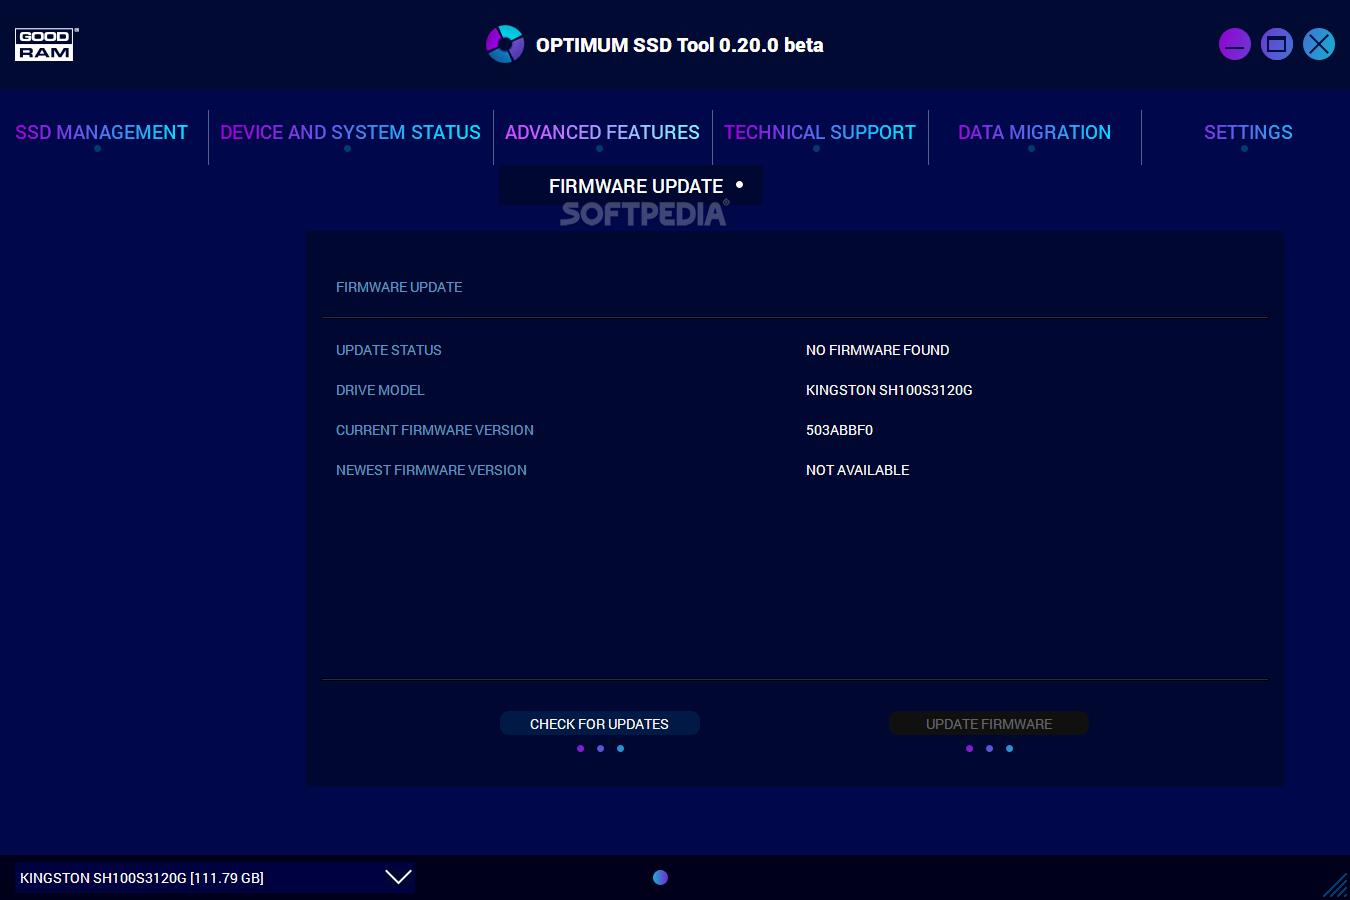 Download SSD Optimum Tool 0 20 0 Beta